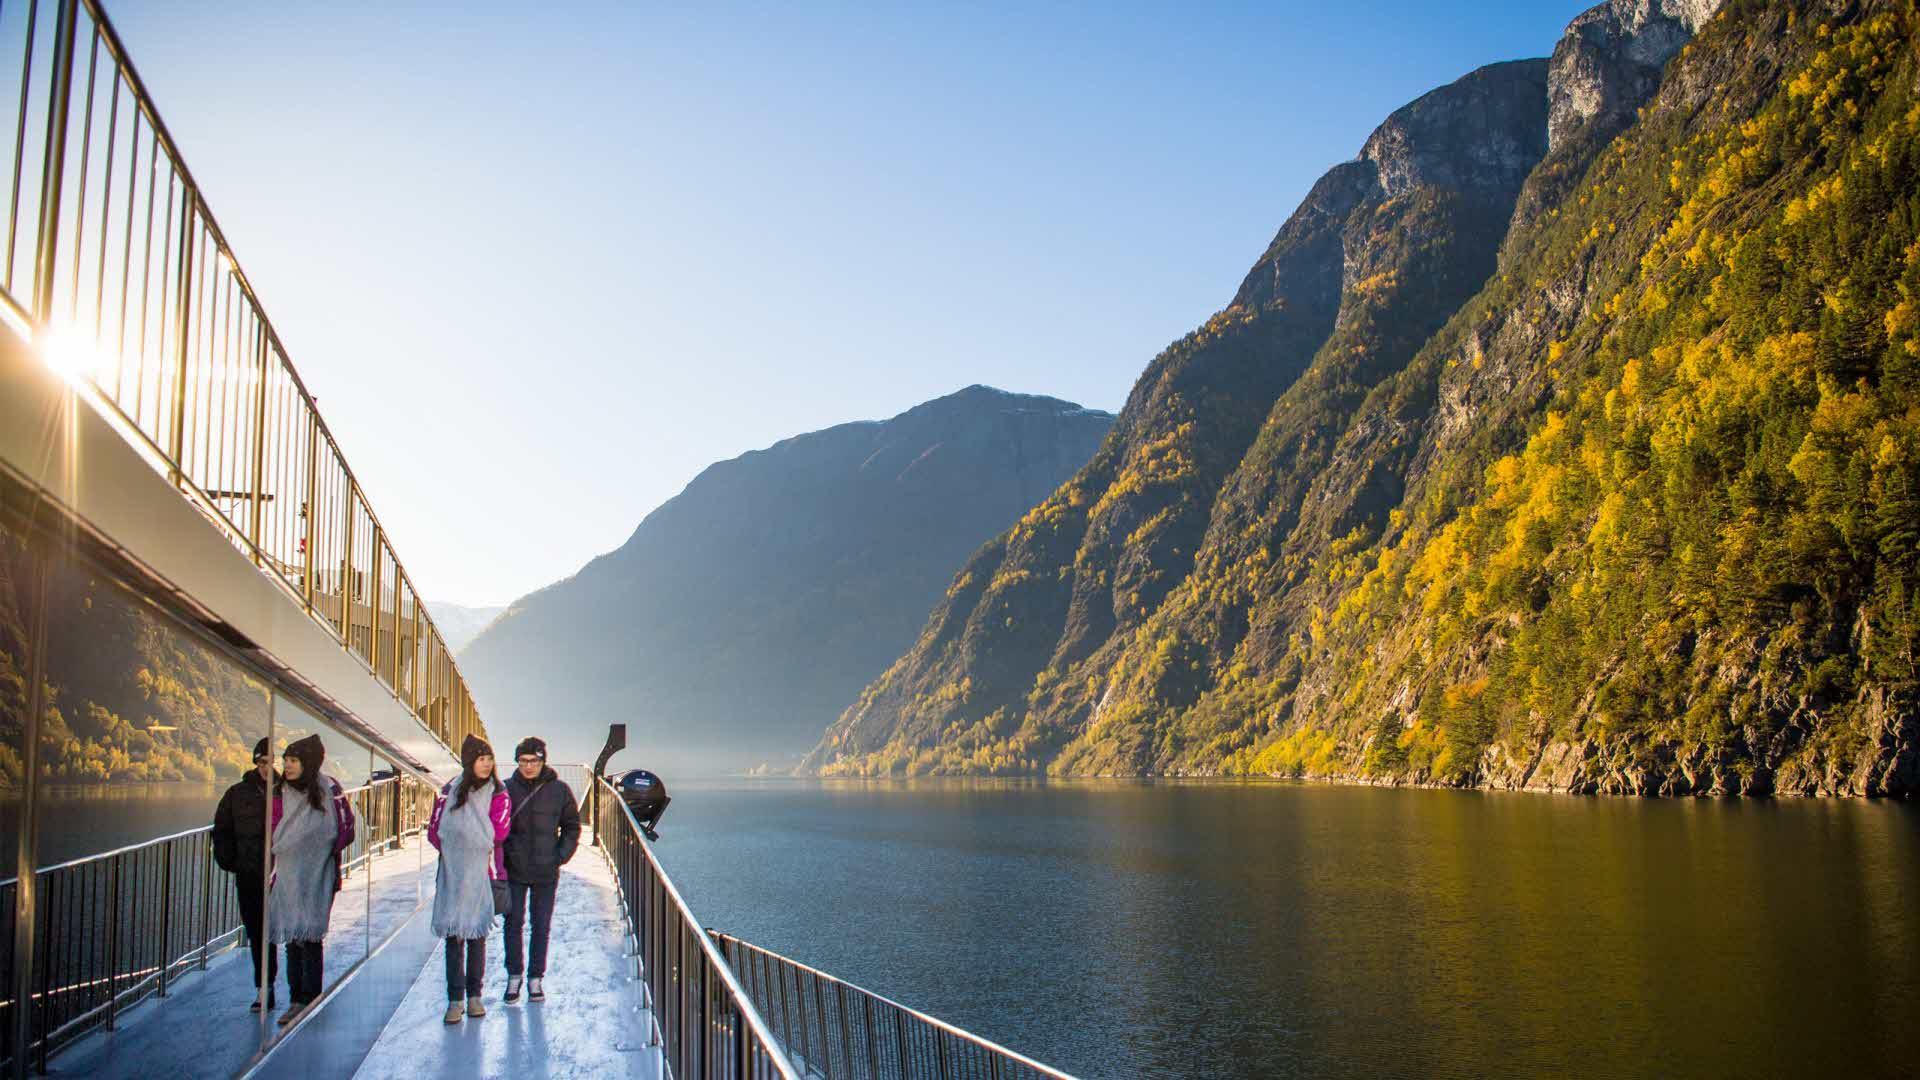 En kvinne og en mann går på utsiden av Future of The Fjords på Nærøyfjorden en fin høstdag